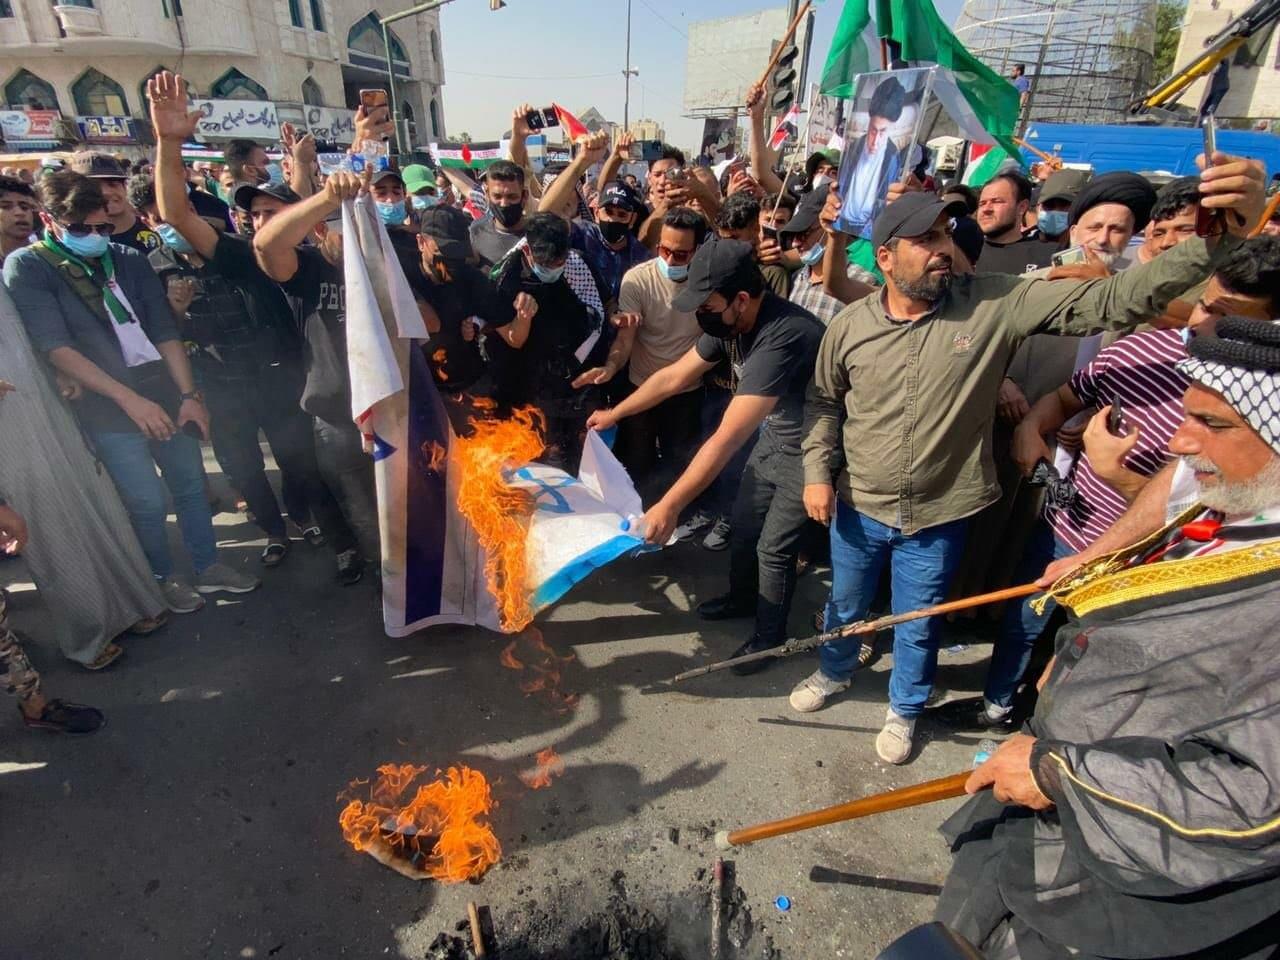 هبة عراقية دعما لفلسطين وزحف جماعي للحدود مع الأردن